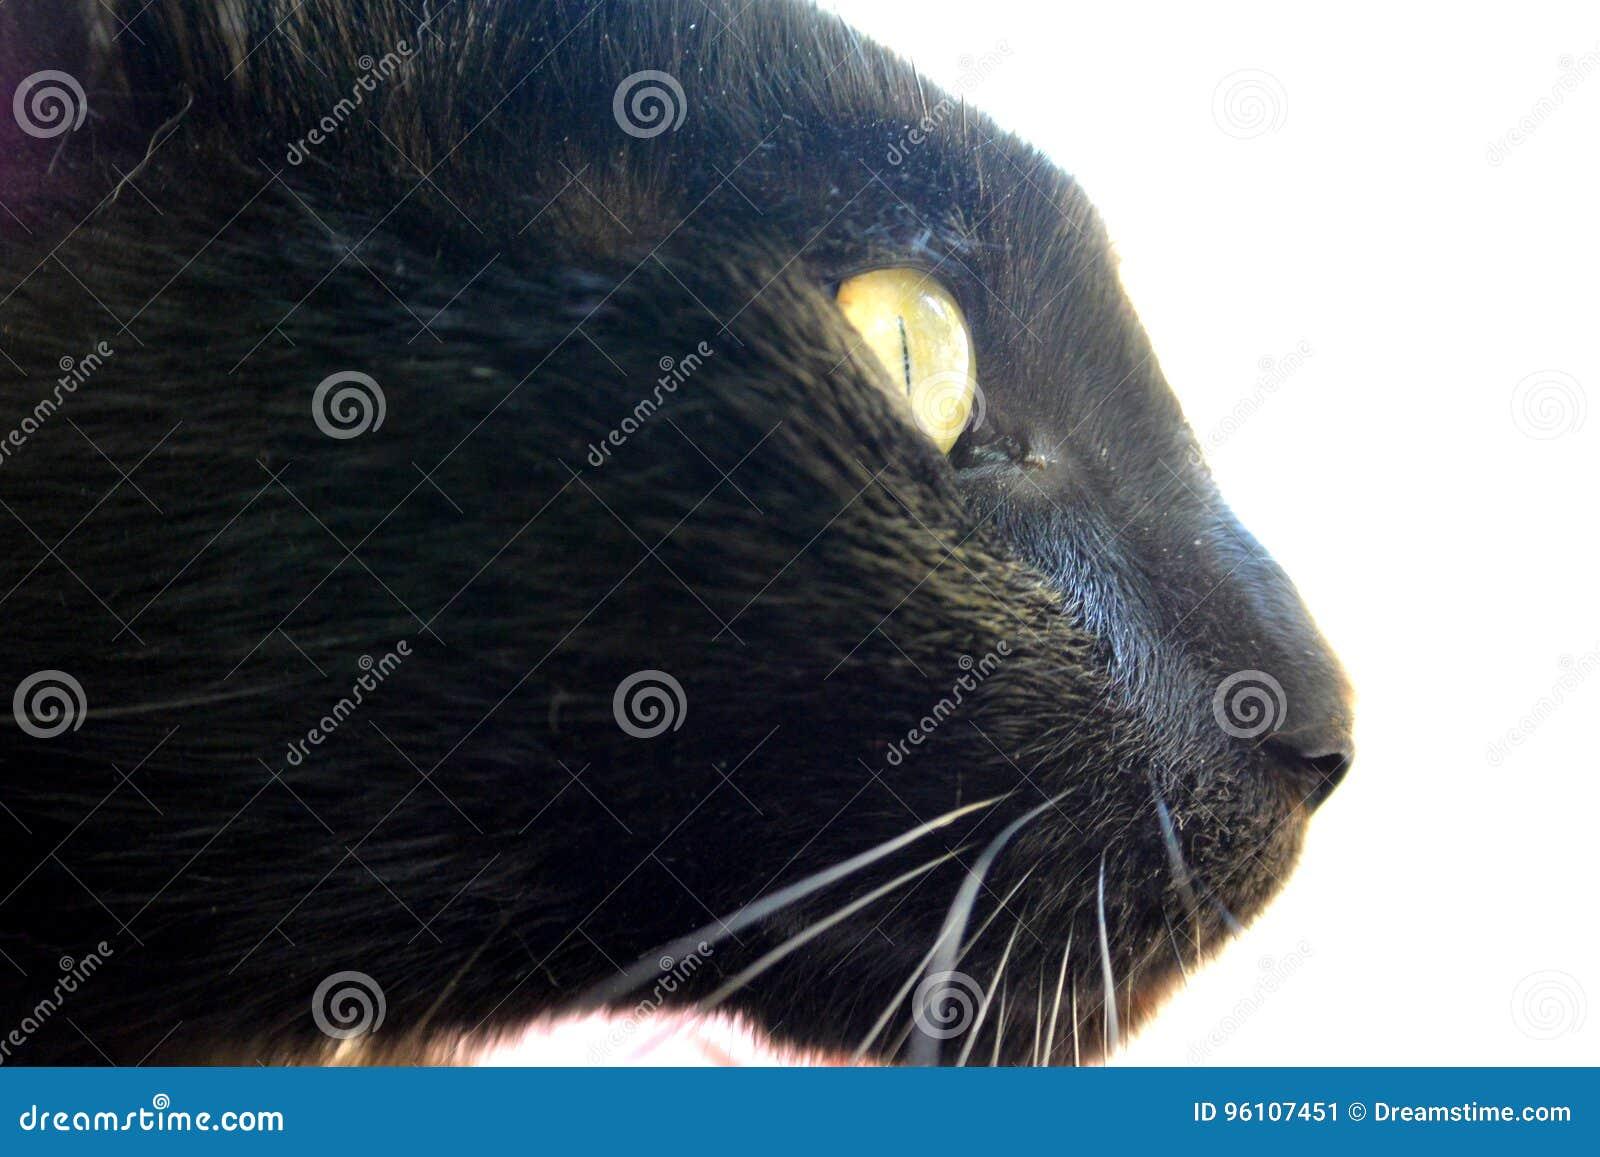 Czarny kot przygląda się złotego